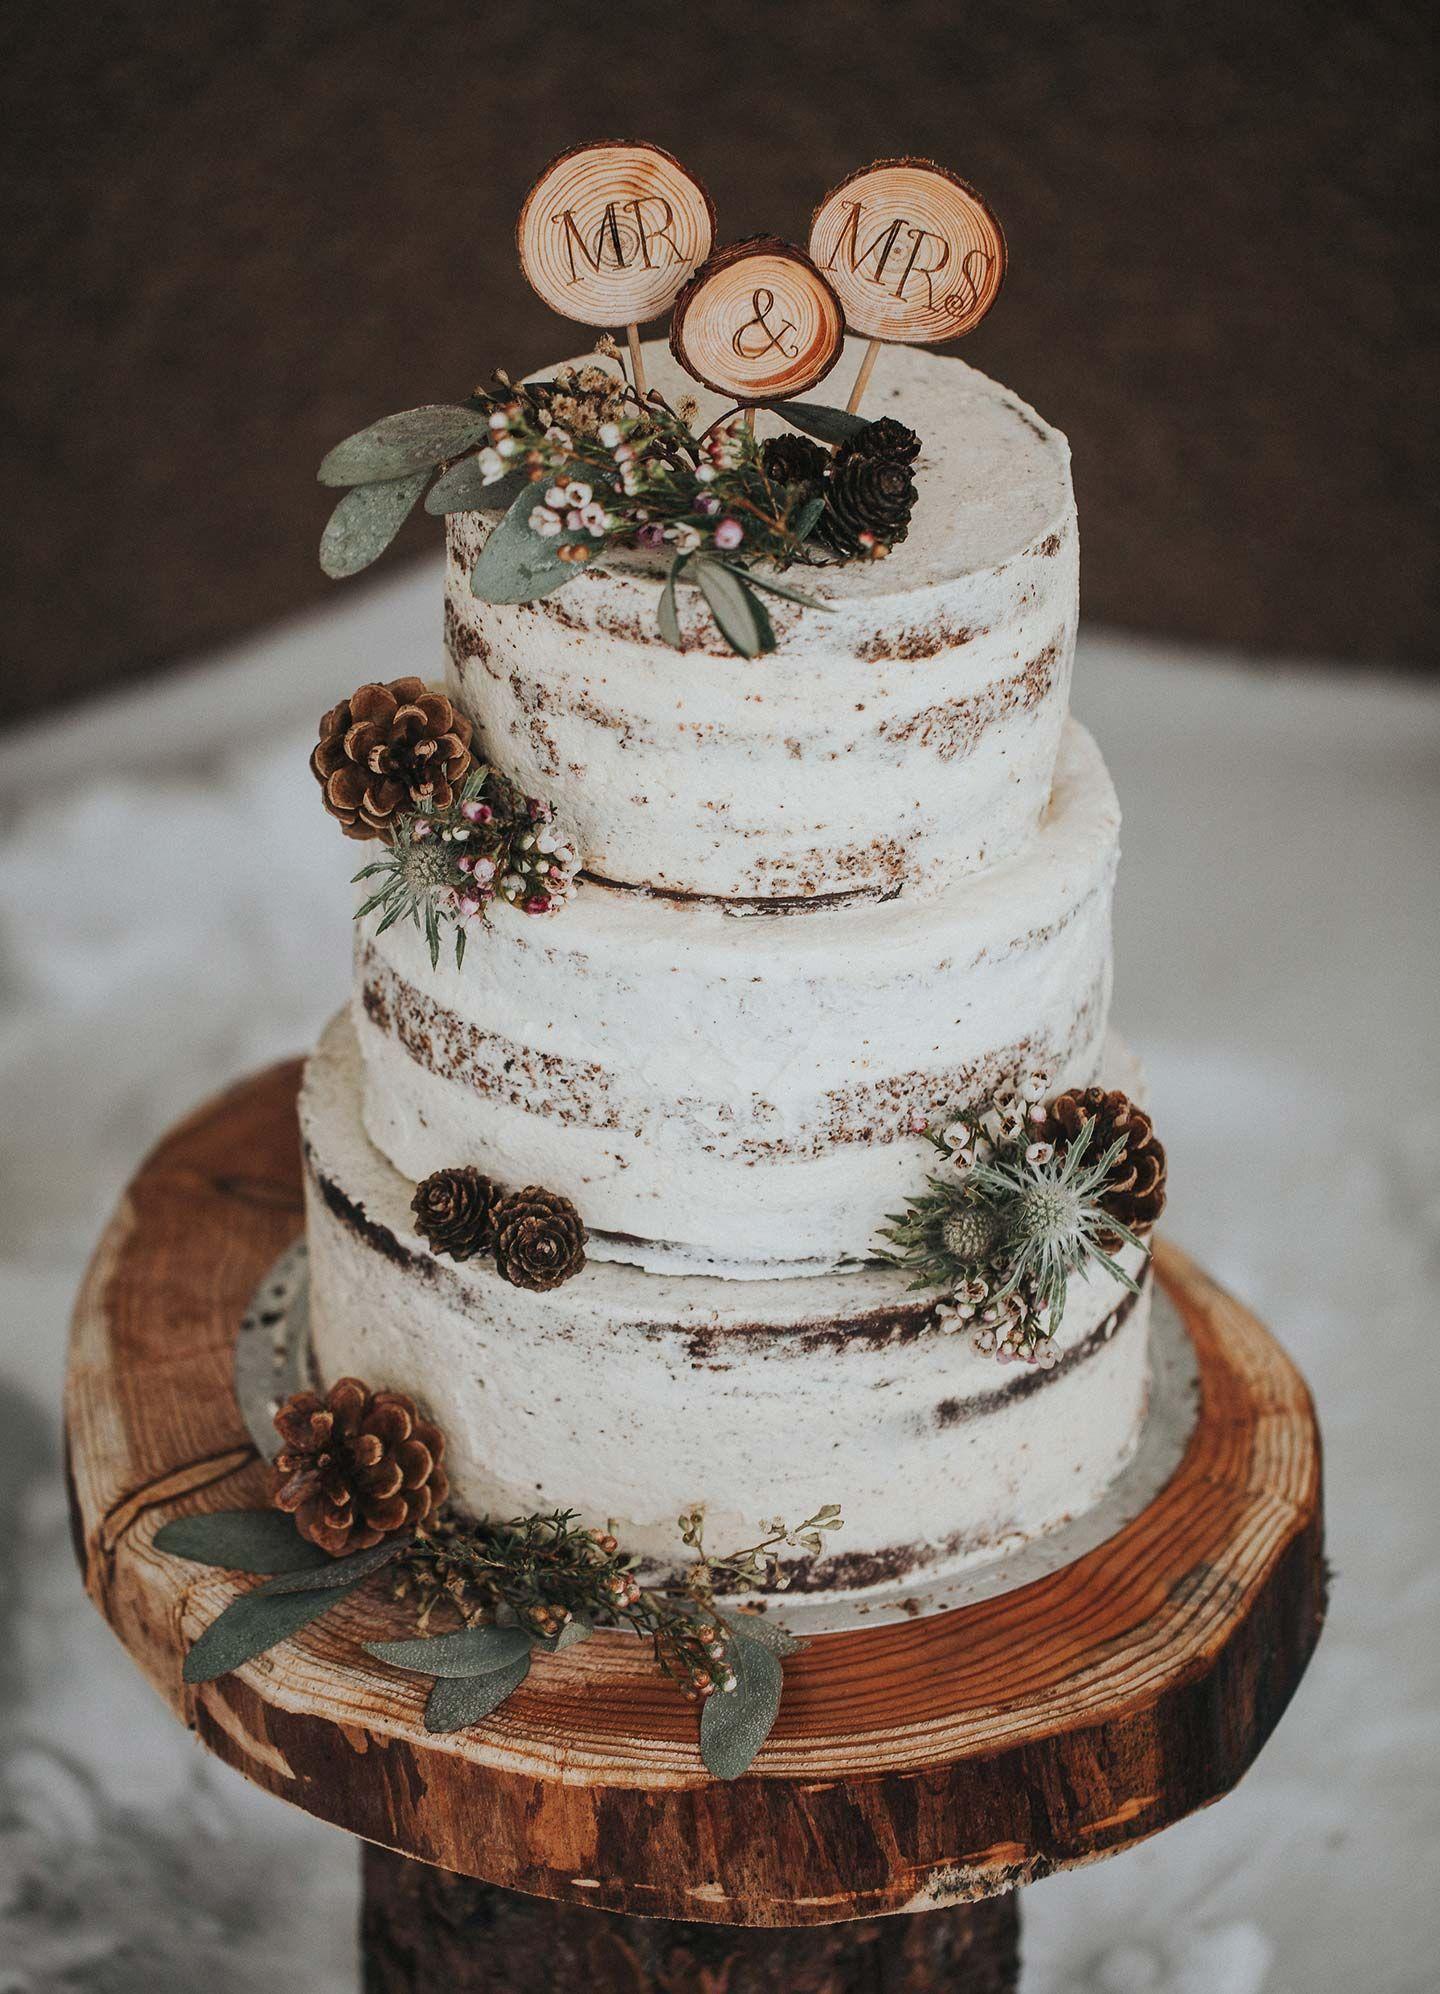 Wooden Wedding – Winterhochzeitsidee im Wald - Hochzeitswahn - Sei inspiriert #weddingideas